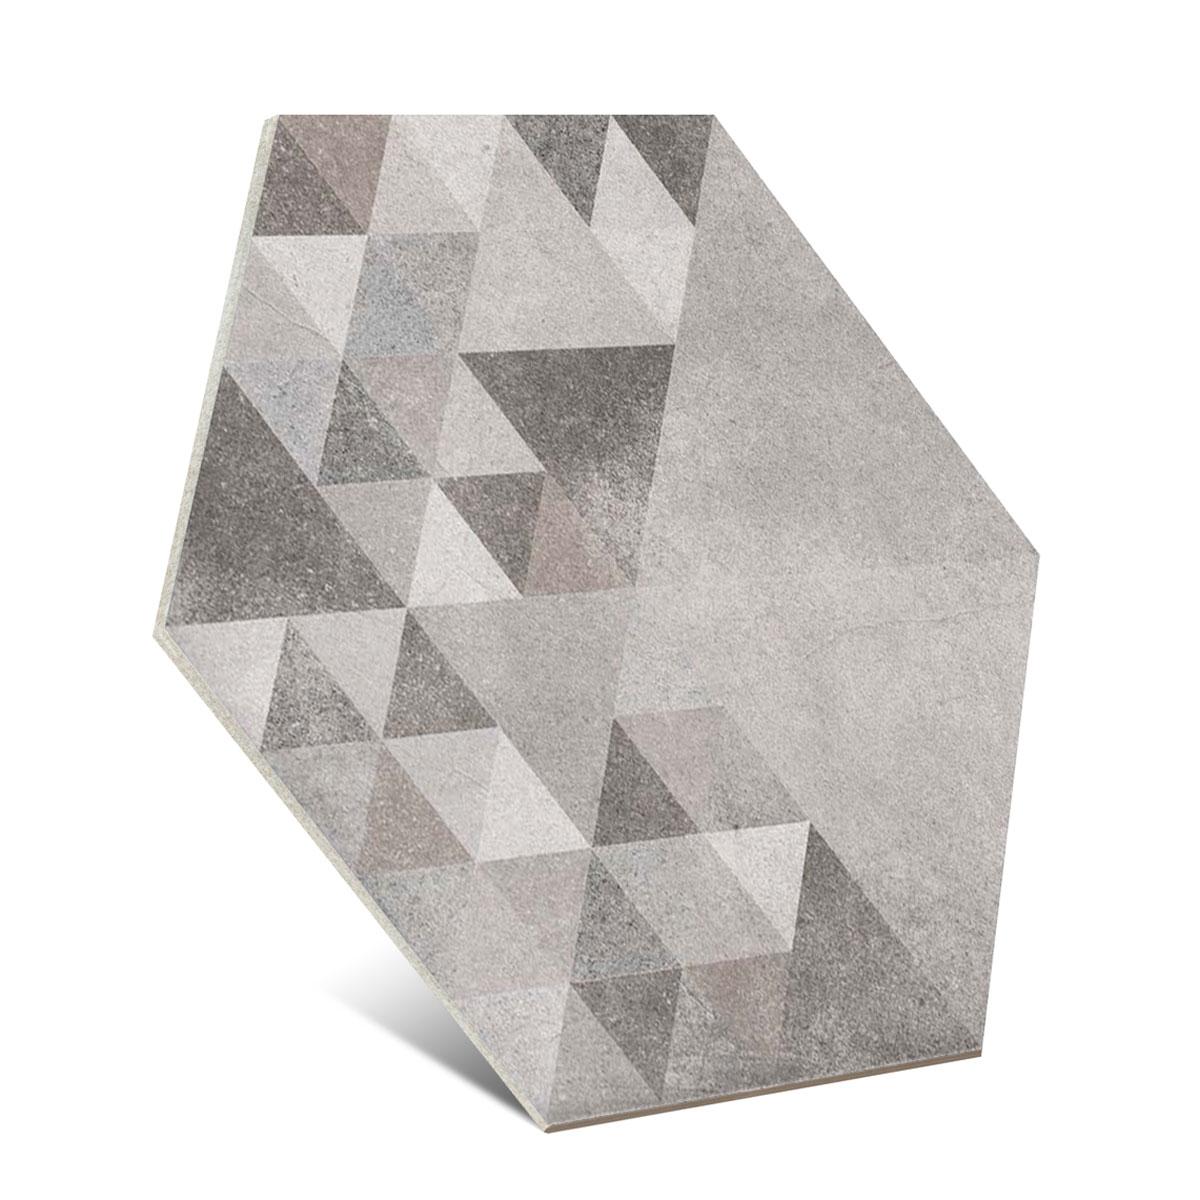 Benenden Sombra (caja) - Colección Laverton de Vives - Marca Vives